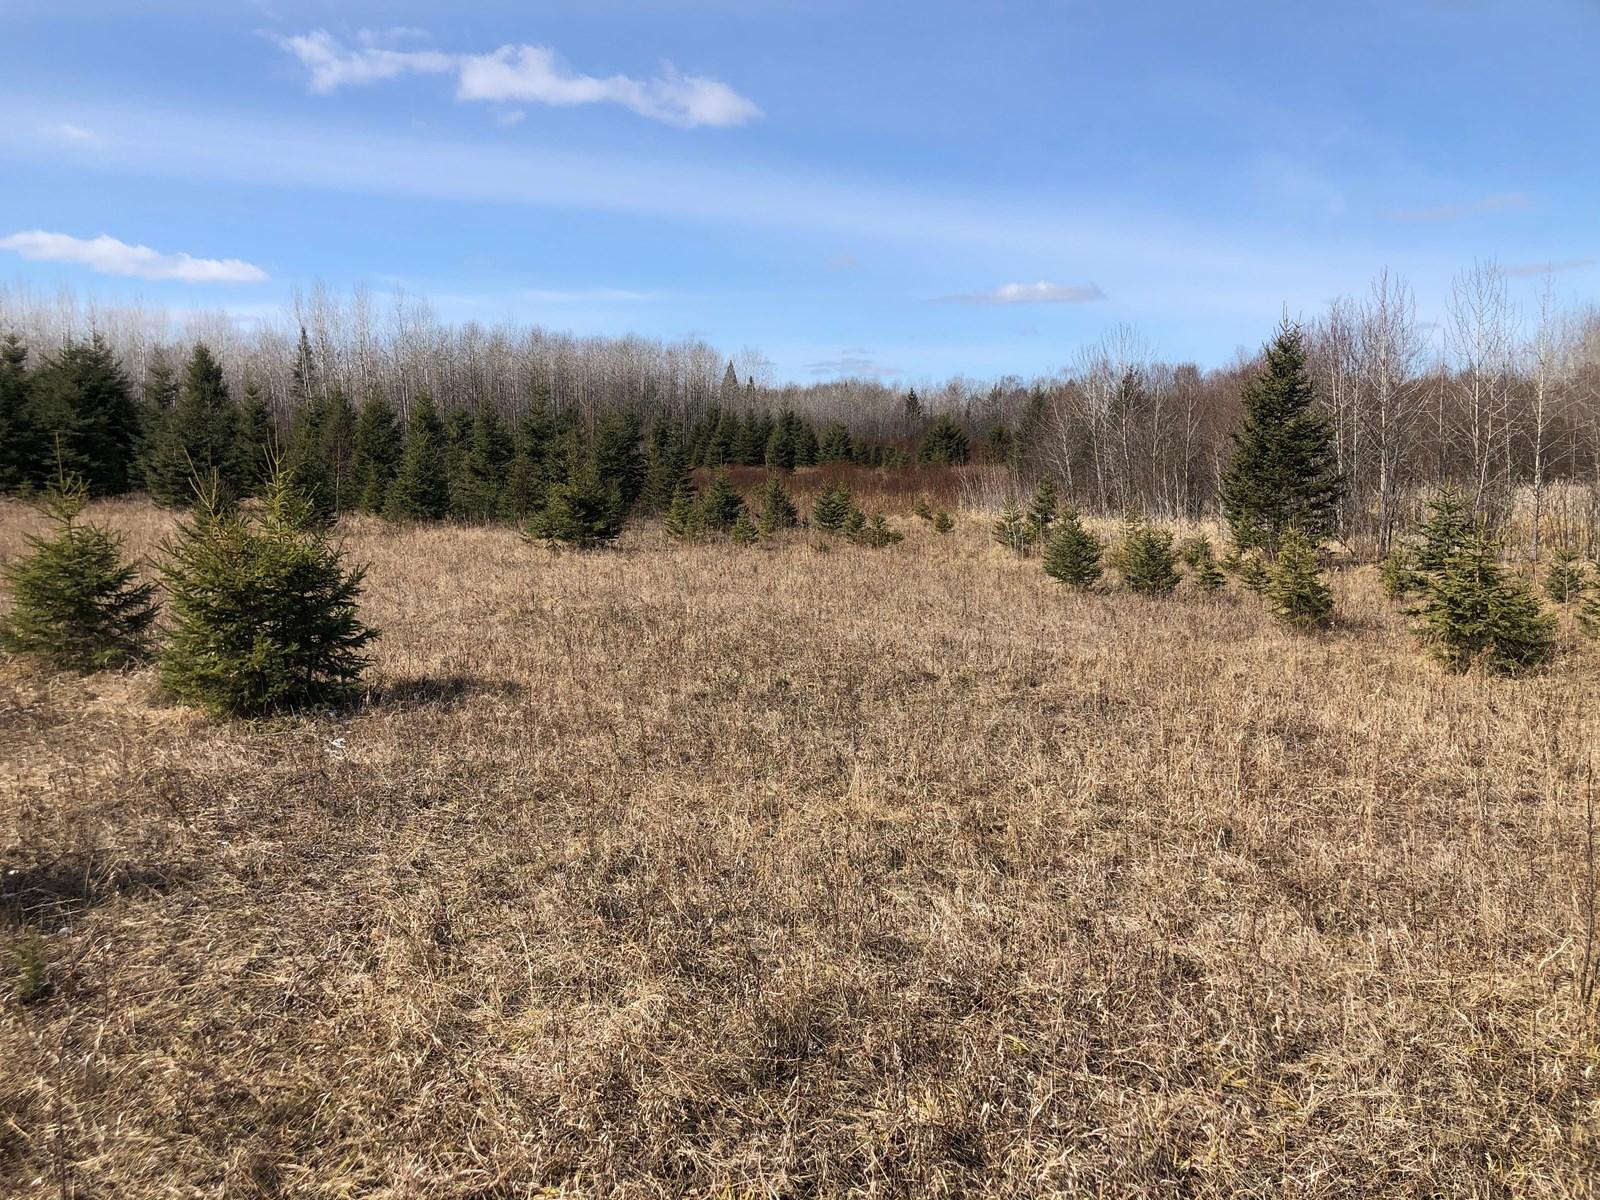 Land for sale in Littlefork, MN